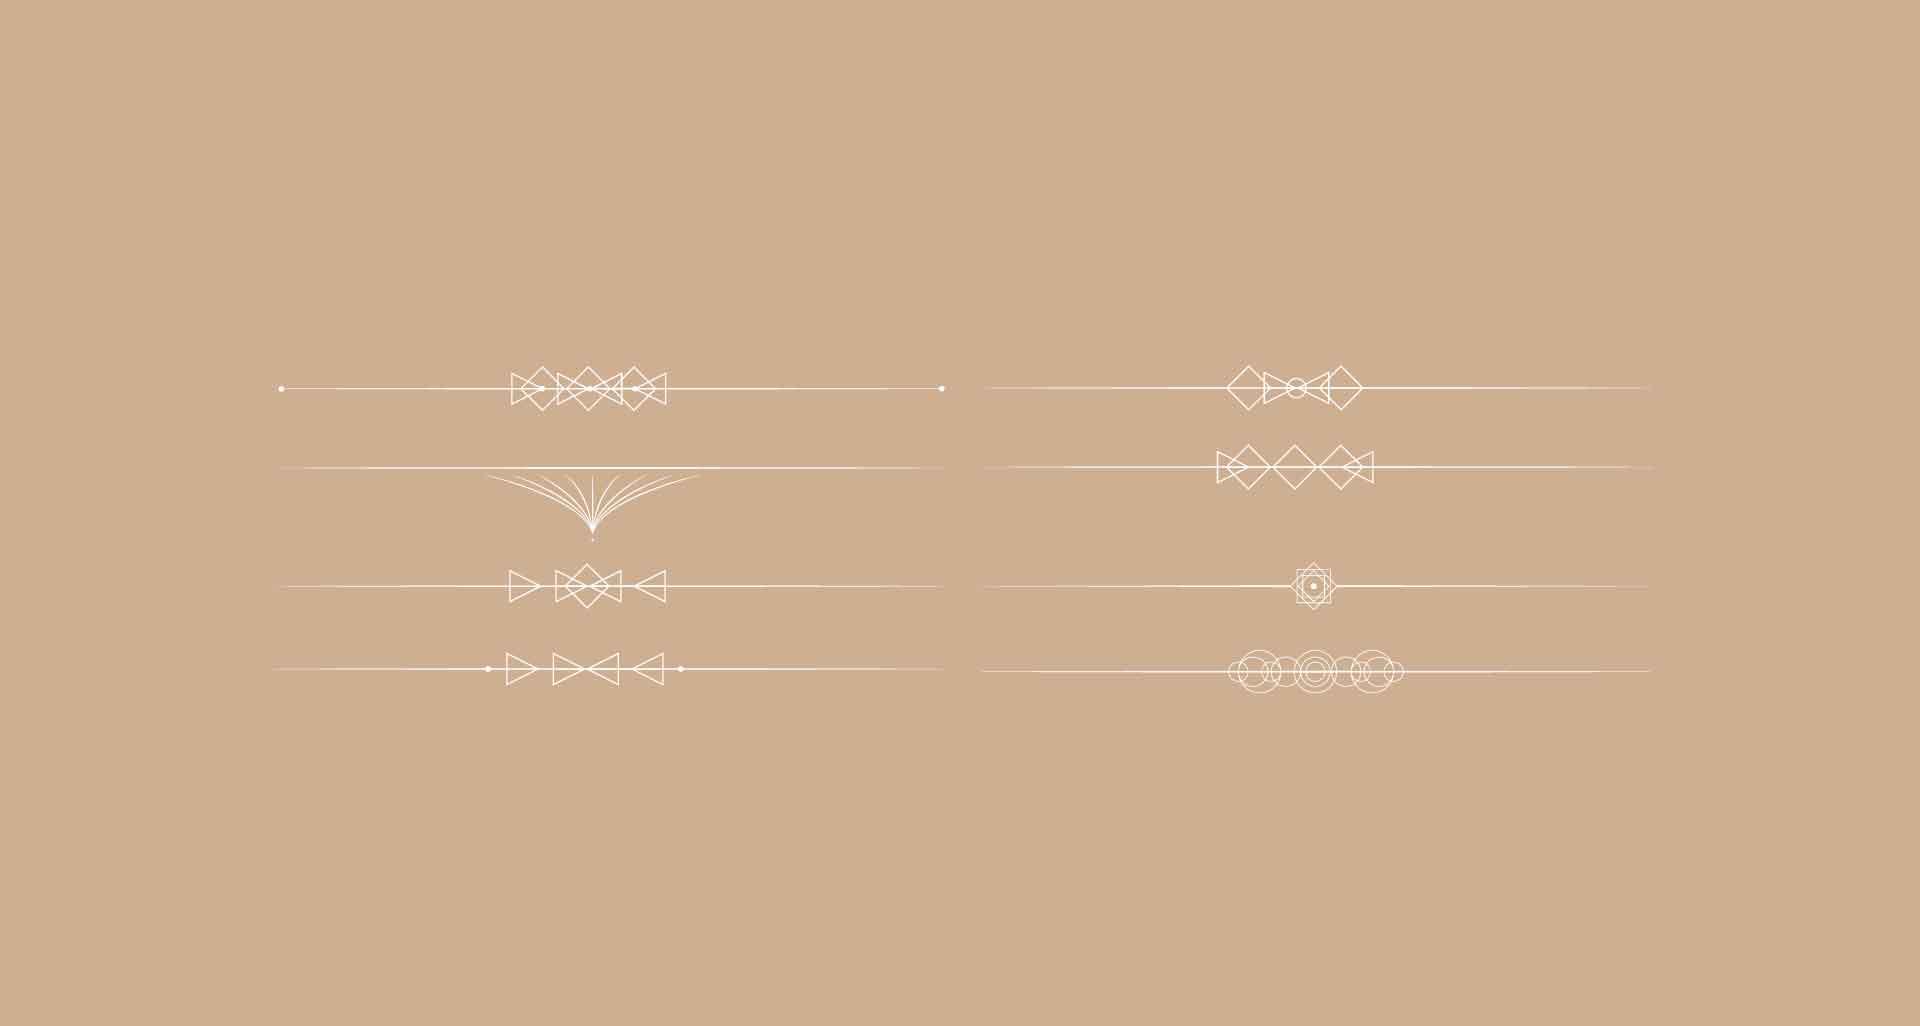 Refonte de l'identité graphique pour L'Orée des bois par l'agence Cassian